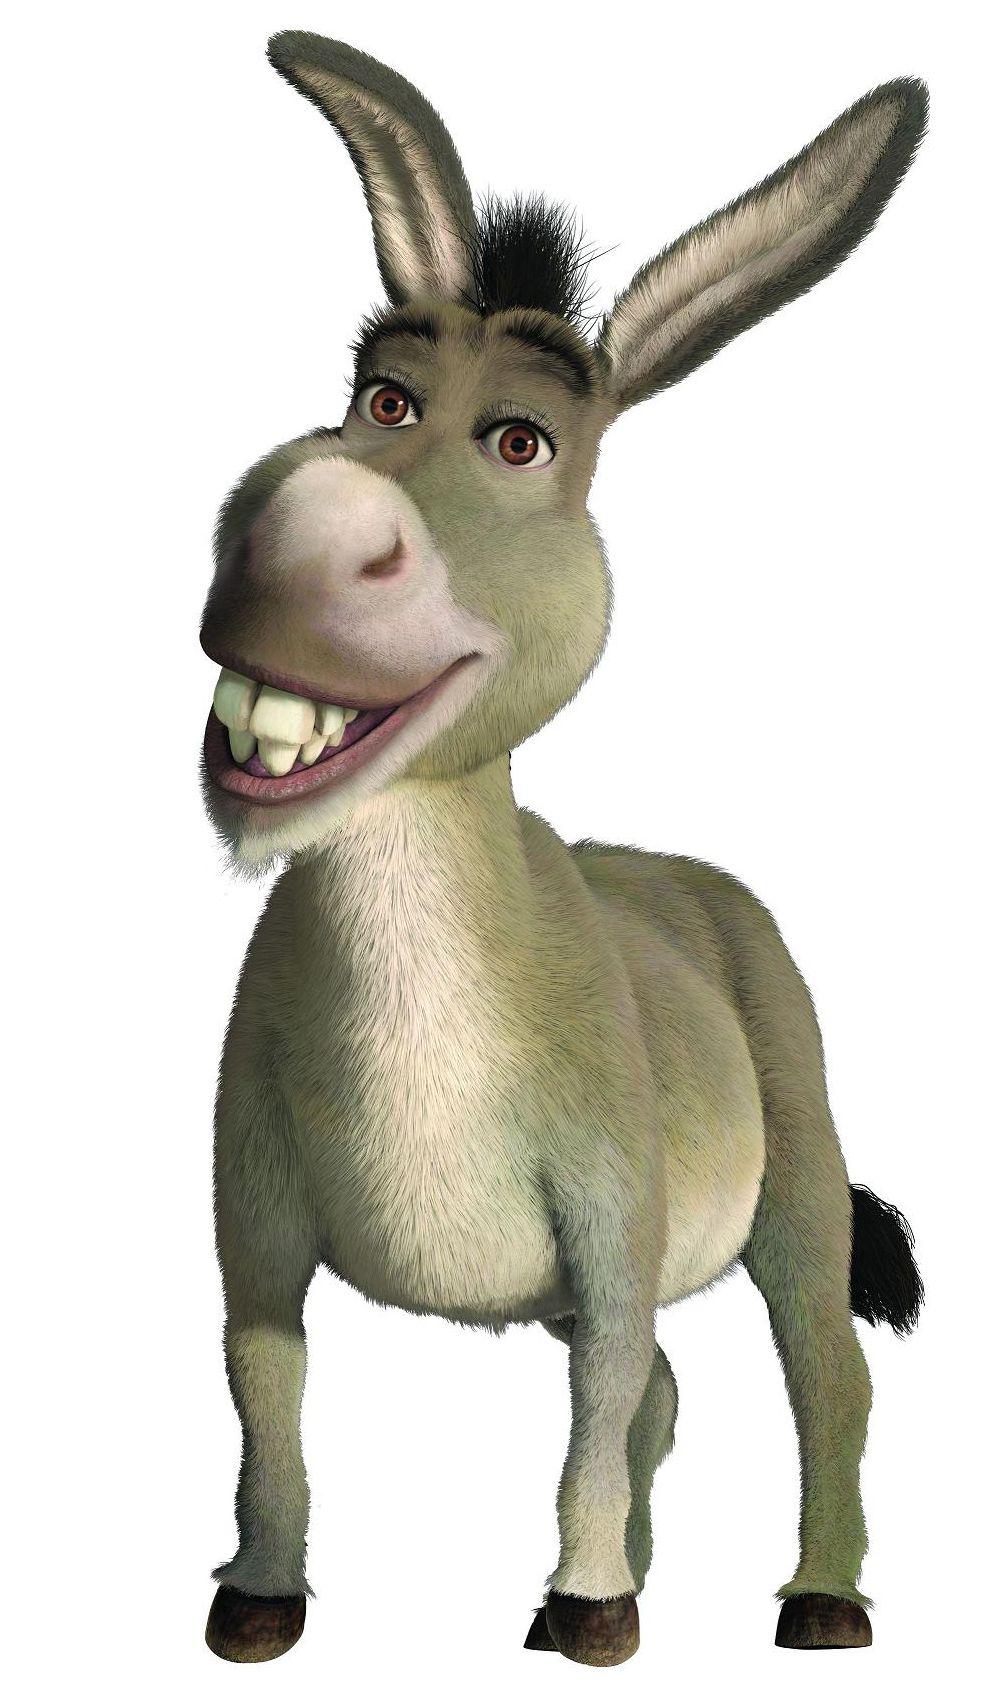 Donkey Species Shrek Donkey Shrek Character Shrek